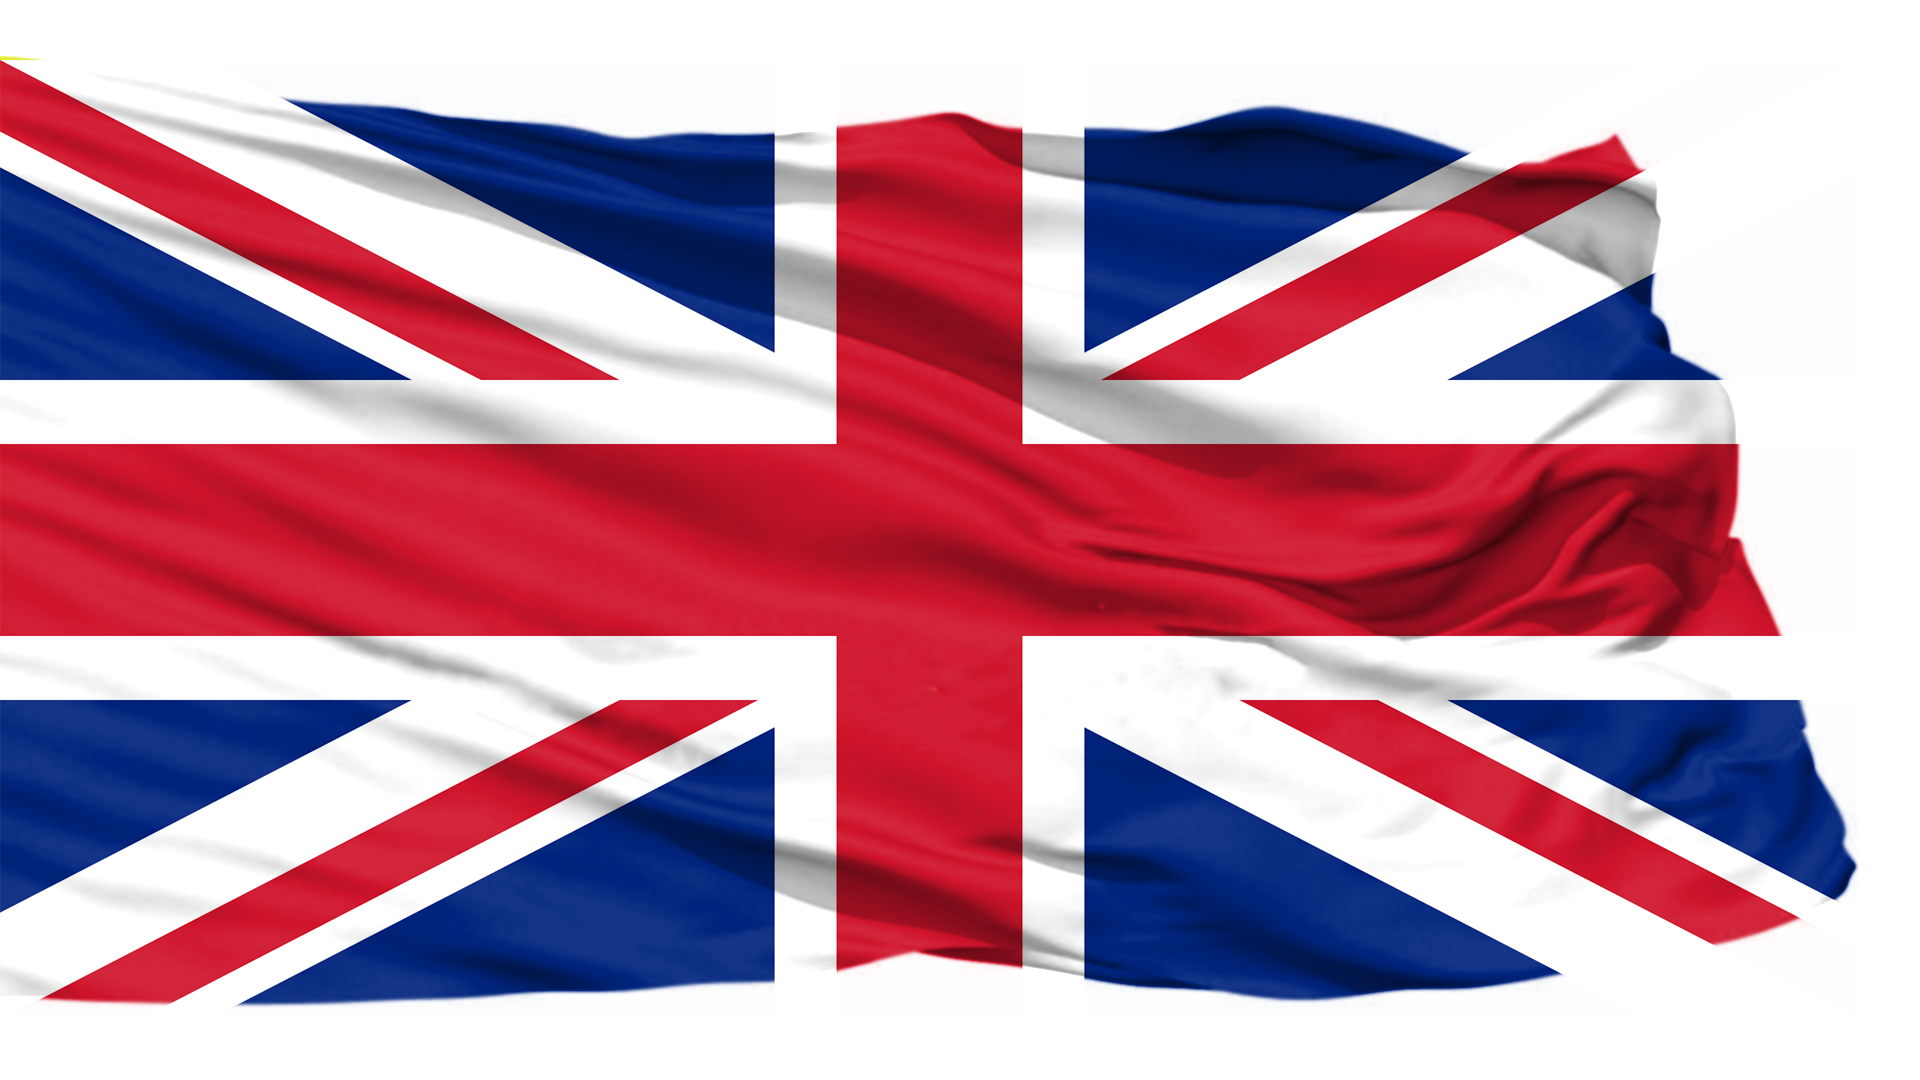 Free stock photo of flag uk uk flag - Uk flag images free ...